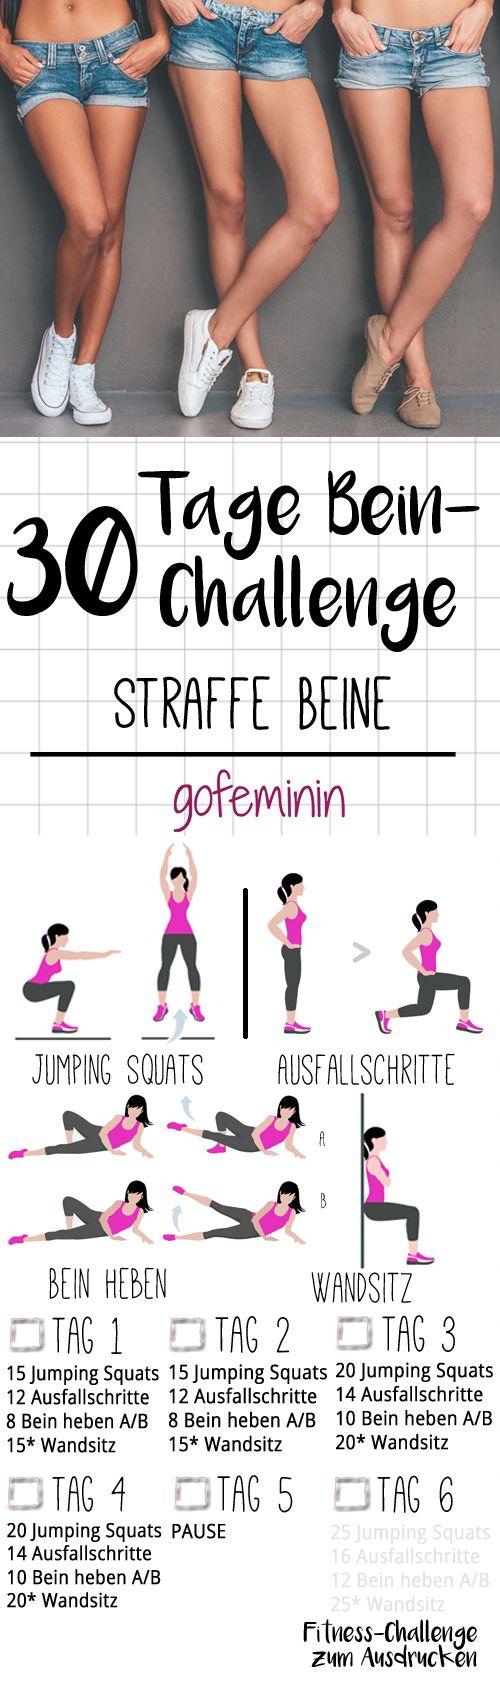 Für schöne straffe Beine: Die 30 Tage Bein-Challenge! #weighttraining